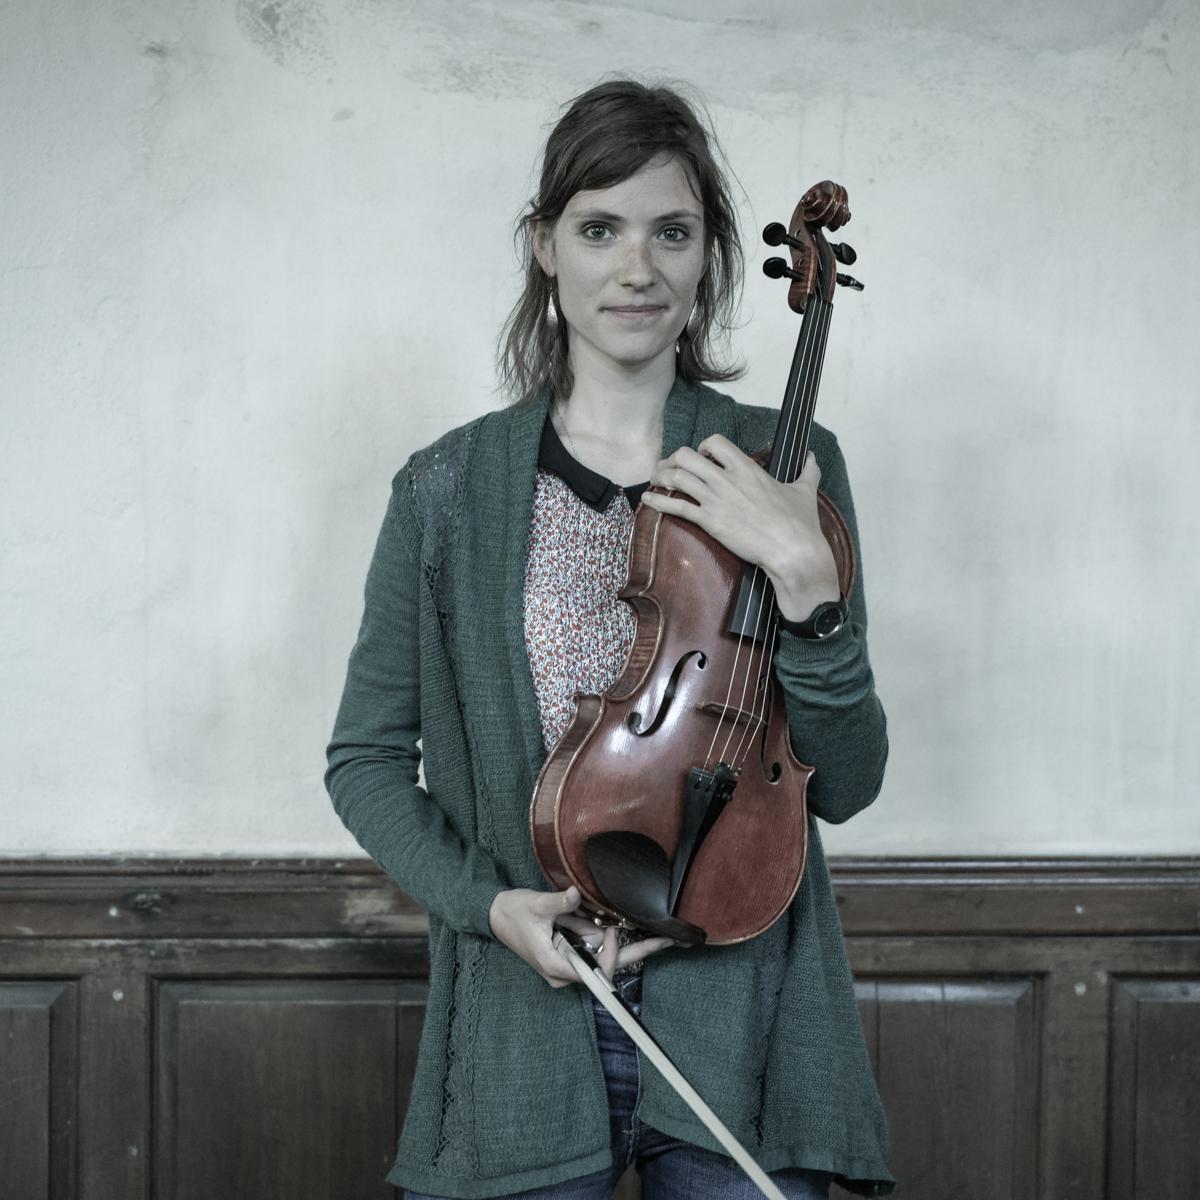 2-Chloe vansoeterstéde- conductor